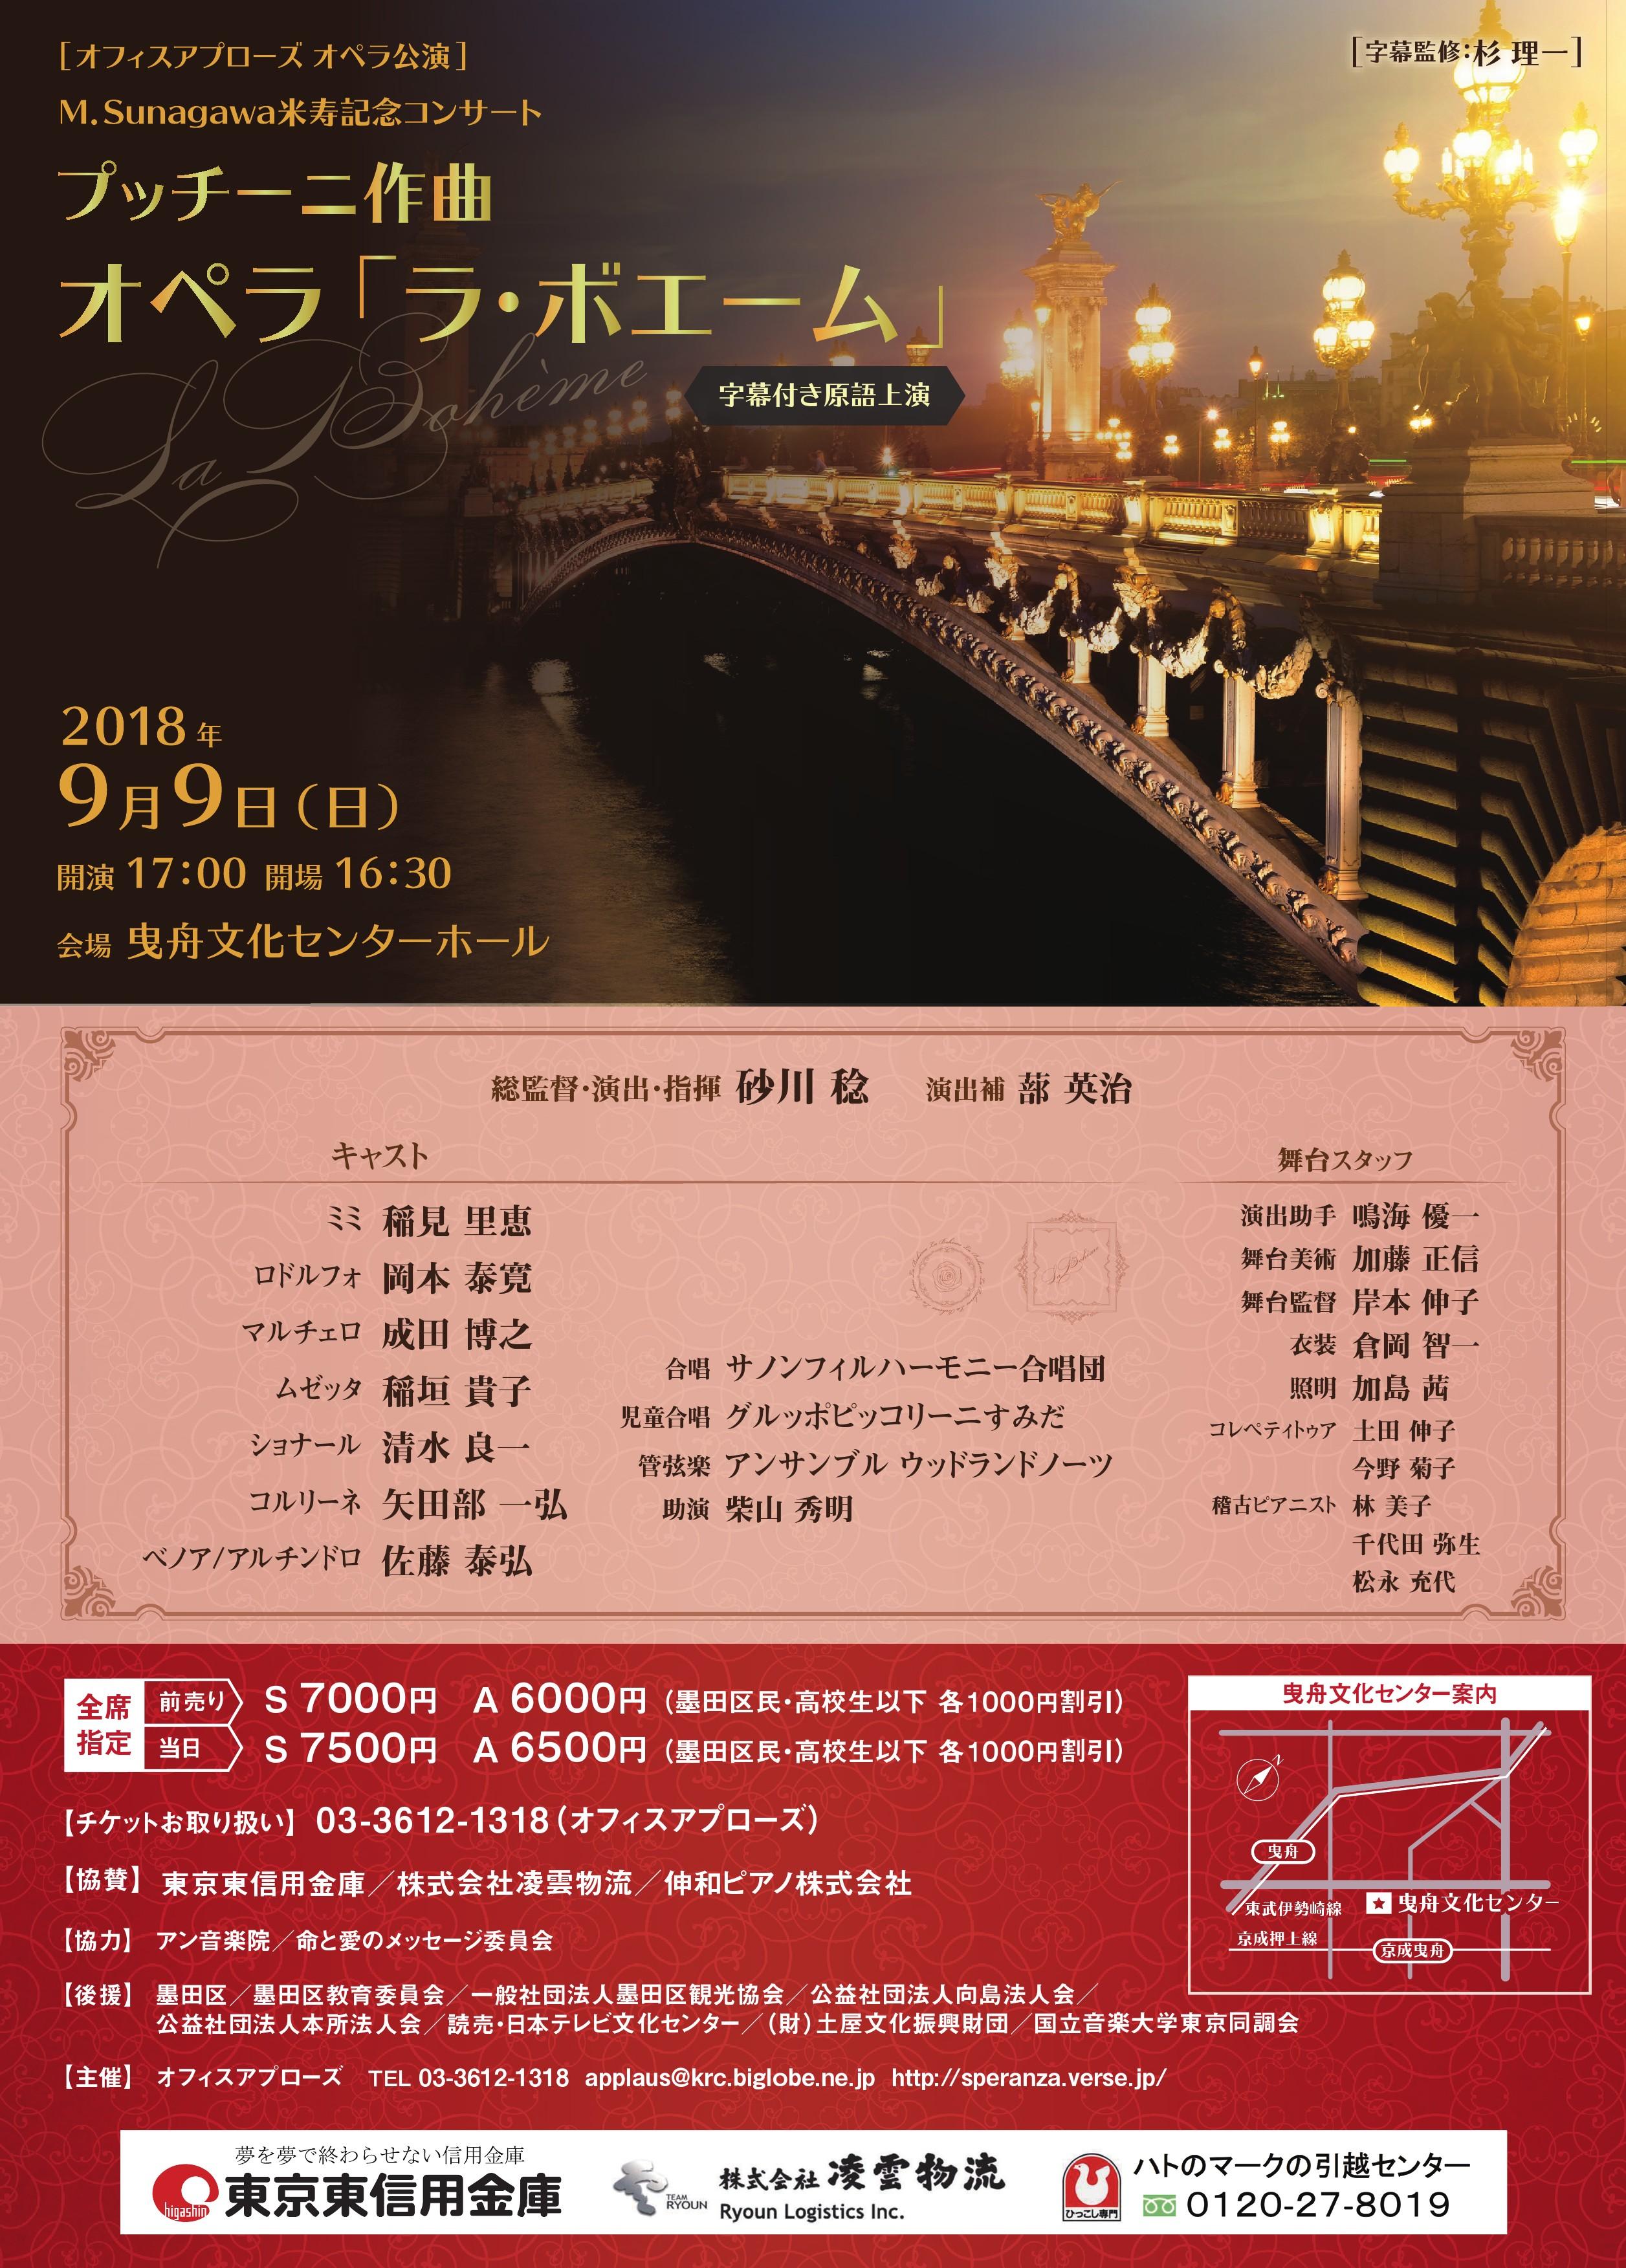 2018年9月9日(日) M.sanagawa米寿記念コンサート プッチーニ作曲 オペラ「ラ・ボエーム」